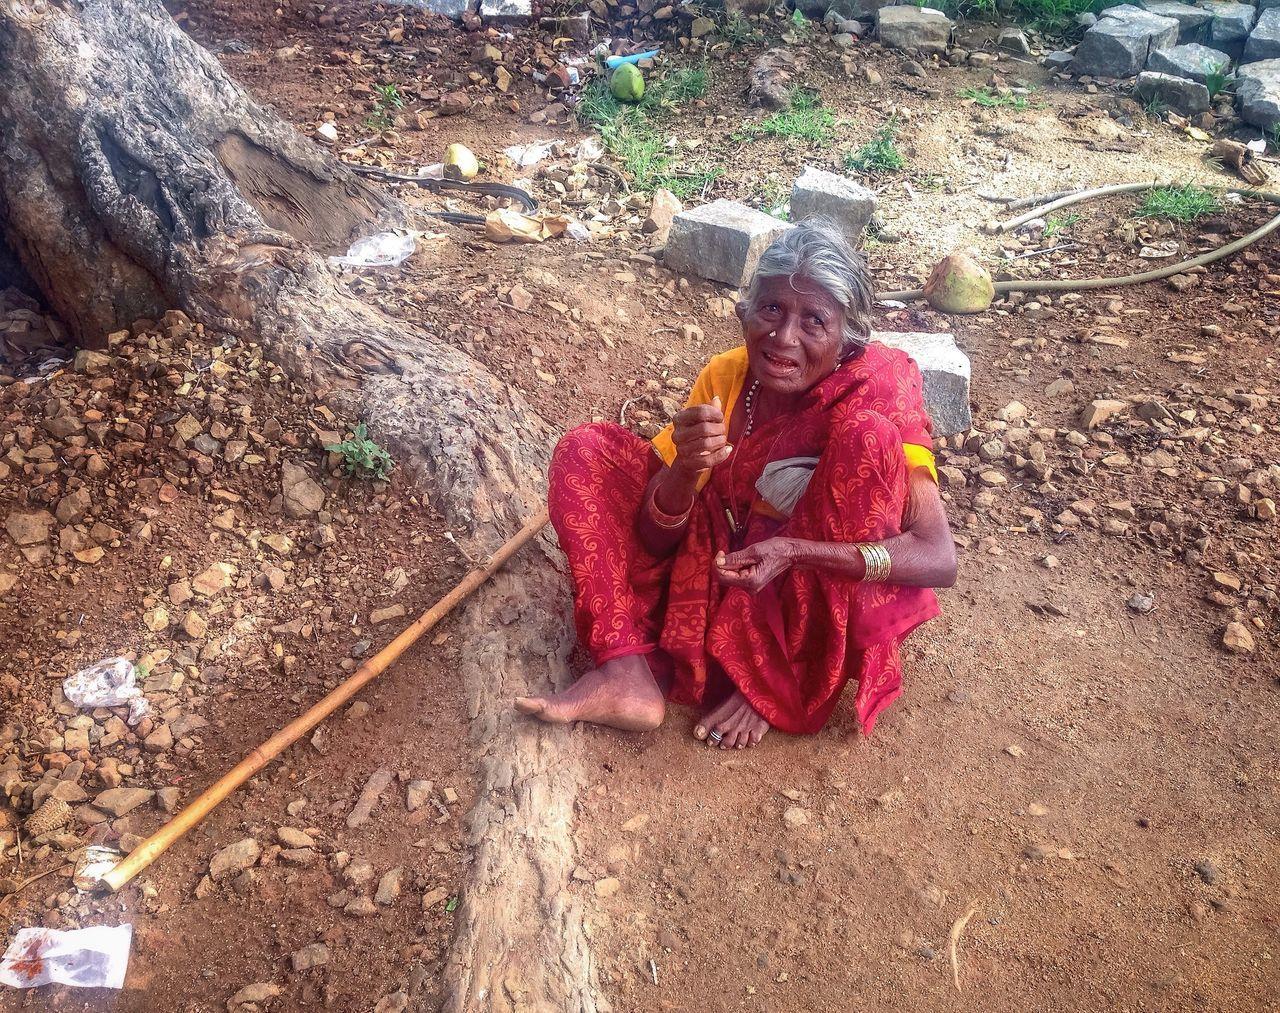 Poor old women seeking for help Poor  Poorpeople Help Old Age Woman Portrait Poverty Beg Begger Helpless Weak Asian  Indian Poor People  Hungry